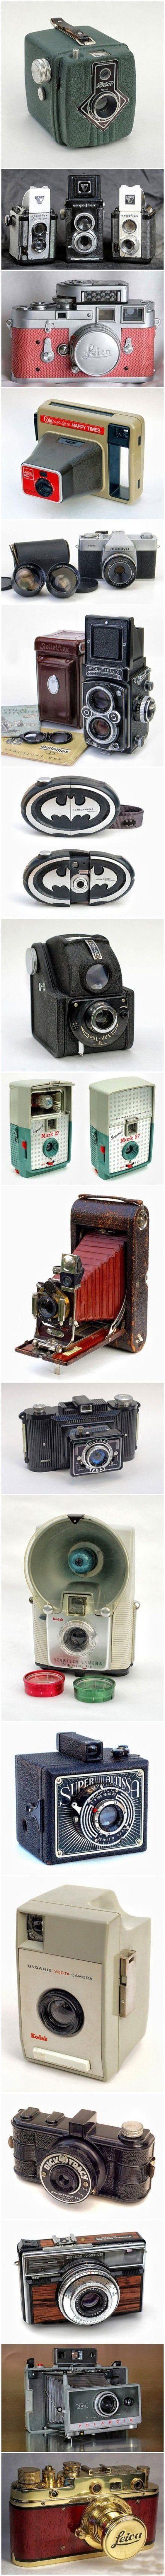 cool vintage cameras